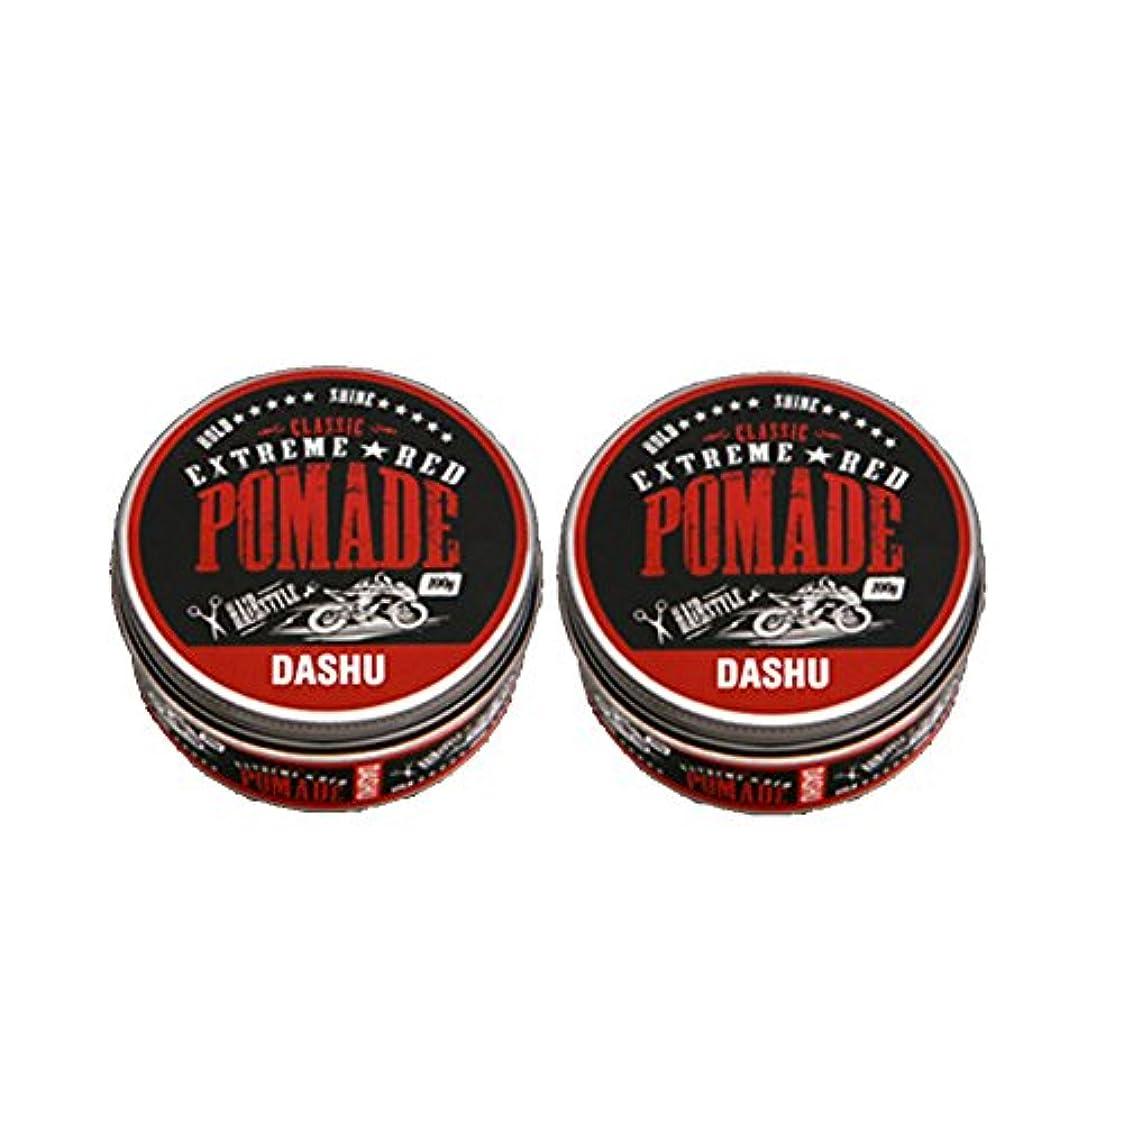 (2個セット) x [DASHU] ダシュ クラシックエクストリームレッドポマード Classic Extreme Red Pomade Hair Wax 100ml / 韓国製 . 韓国直送品